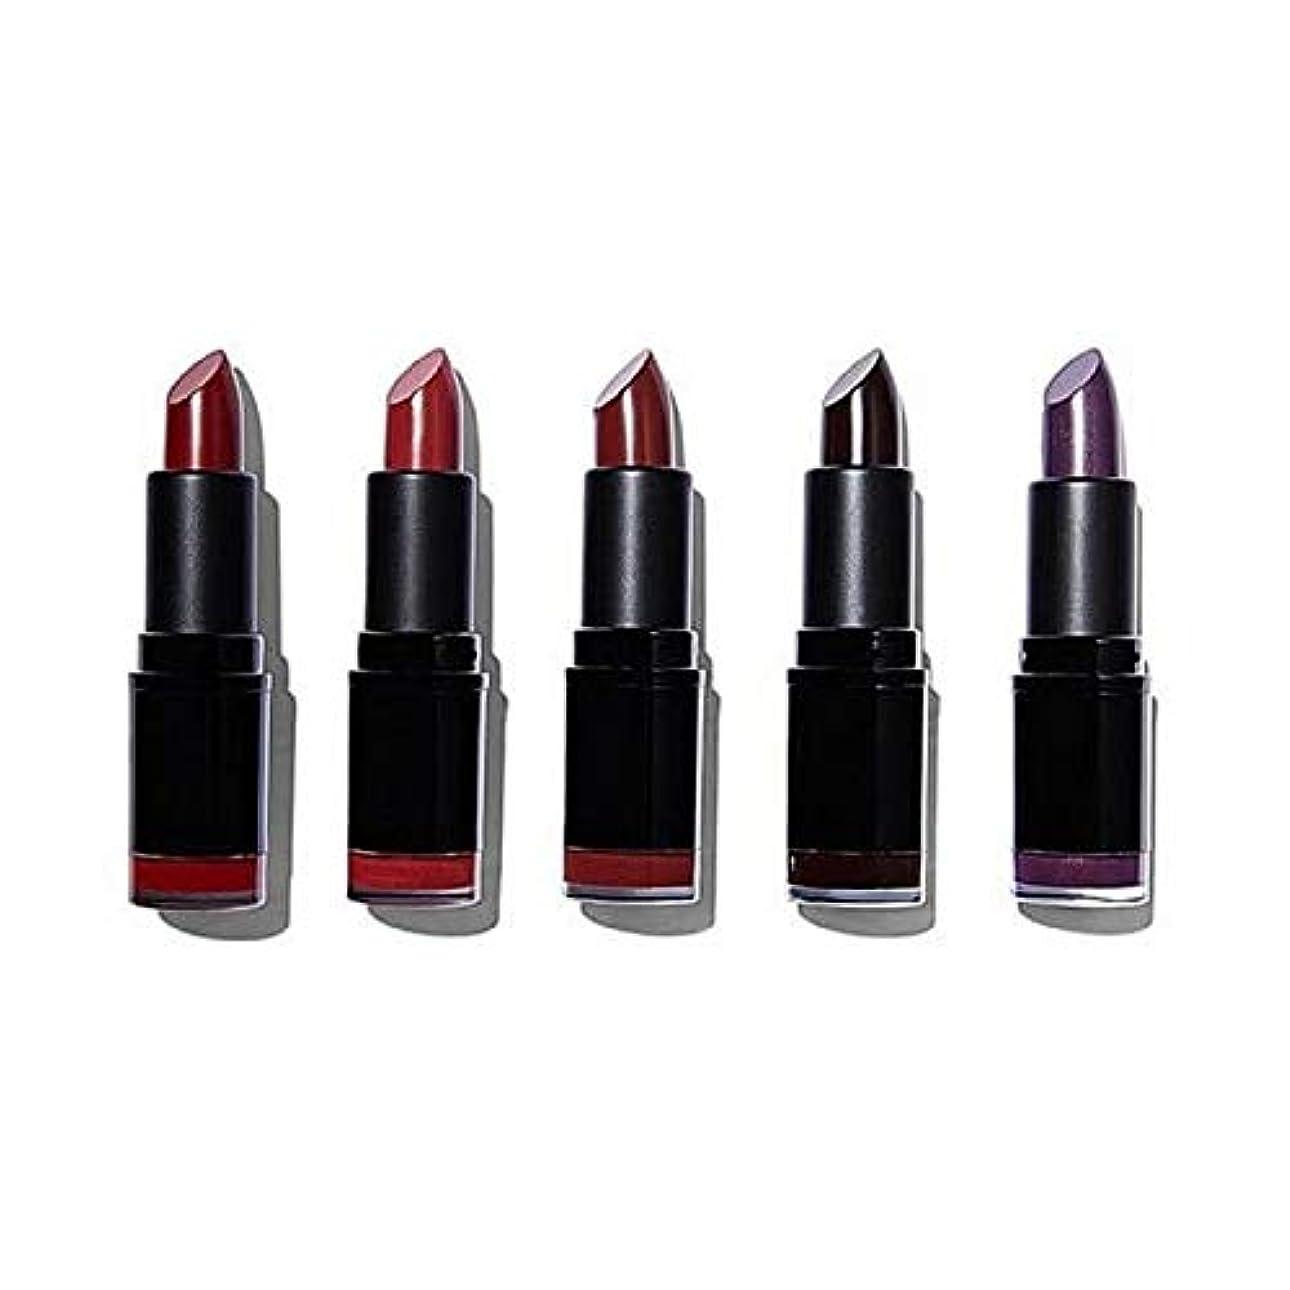 たらい市長コントラスト[Revolution ] 革命プロ口紅のコレクションノワール - Revolution Pro Lipstick Collection Noir [並行輸入品]